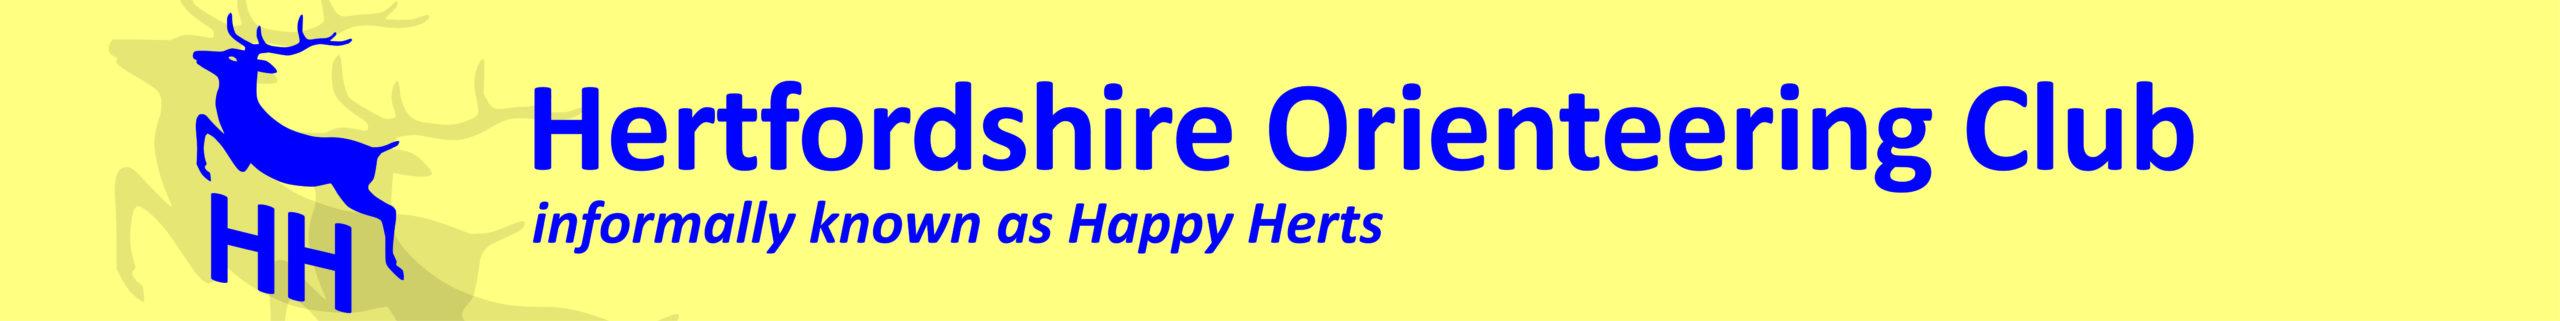 Hertfordshire Orienteering Club